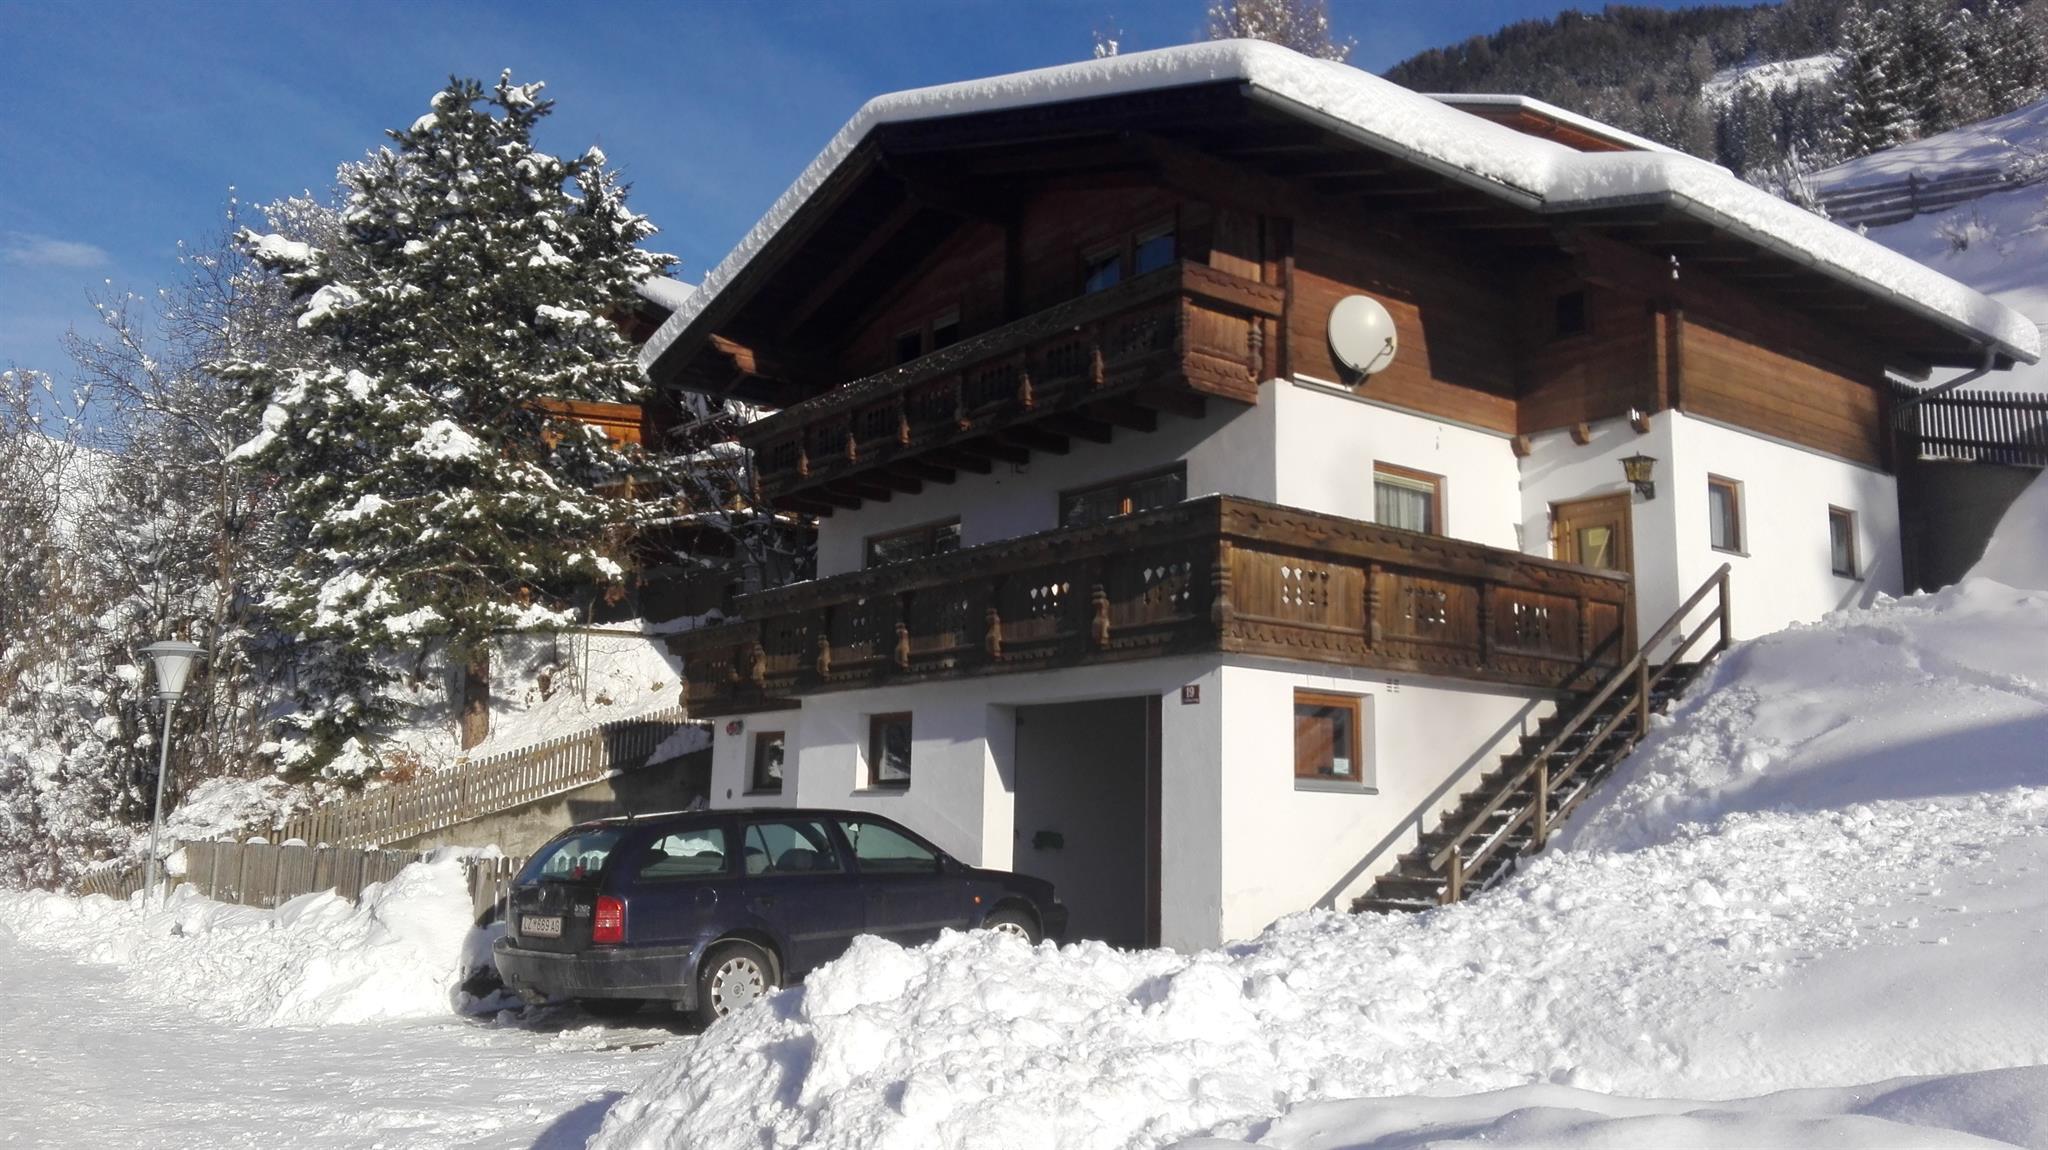 Winter-Ferienhaus-Resinger.jpg